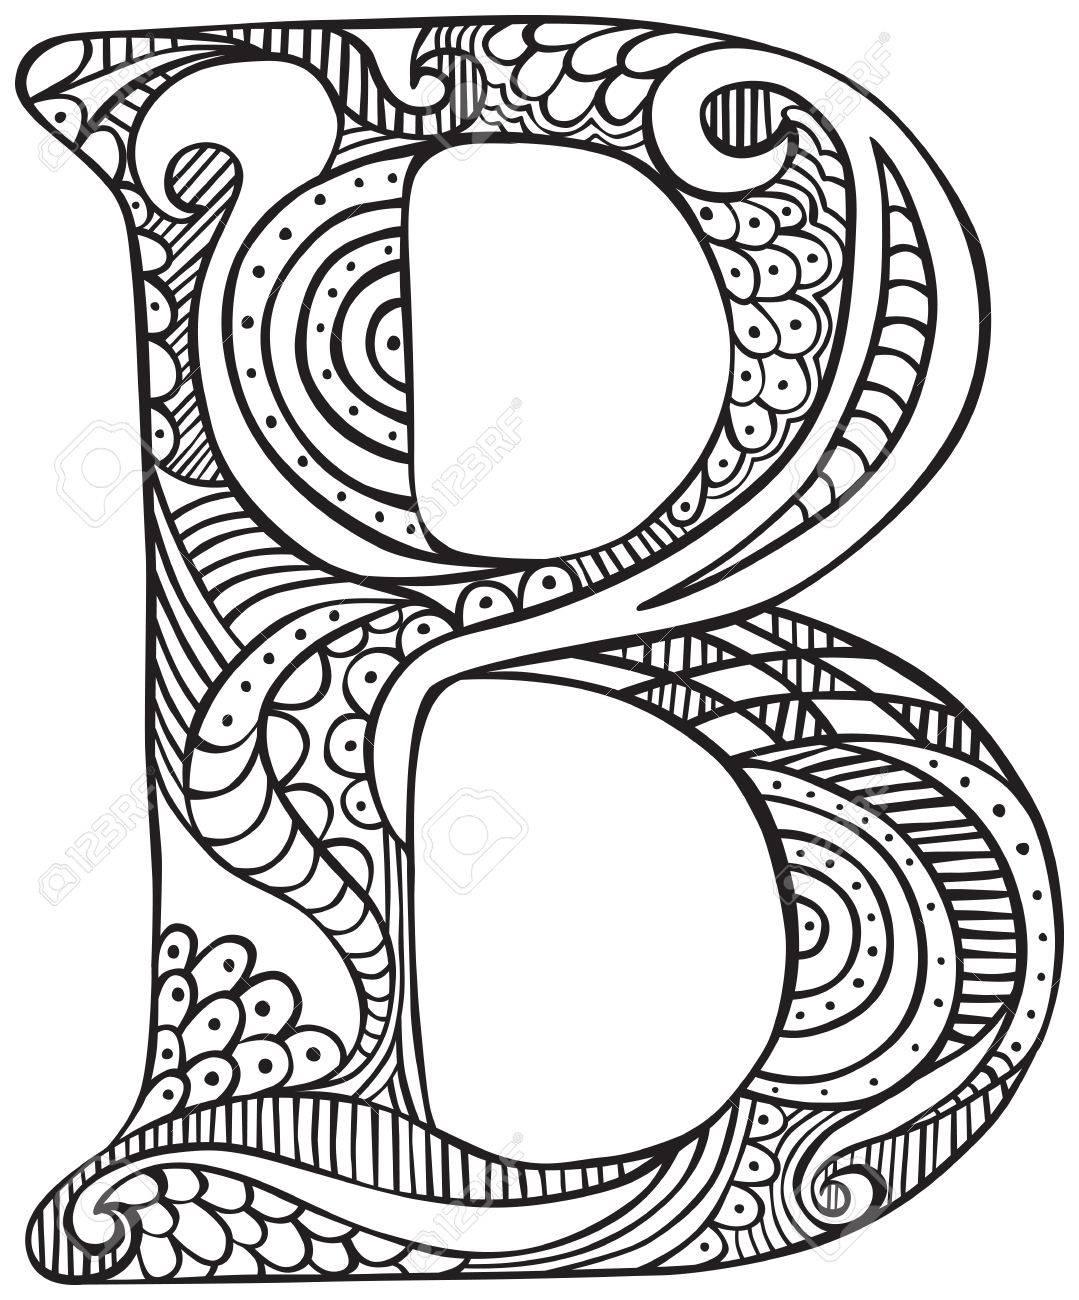 Dibujado A Mano La Letra Mayúscula B En Negro - Hoja Para Colorear ...